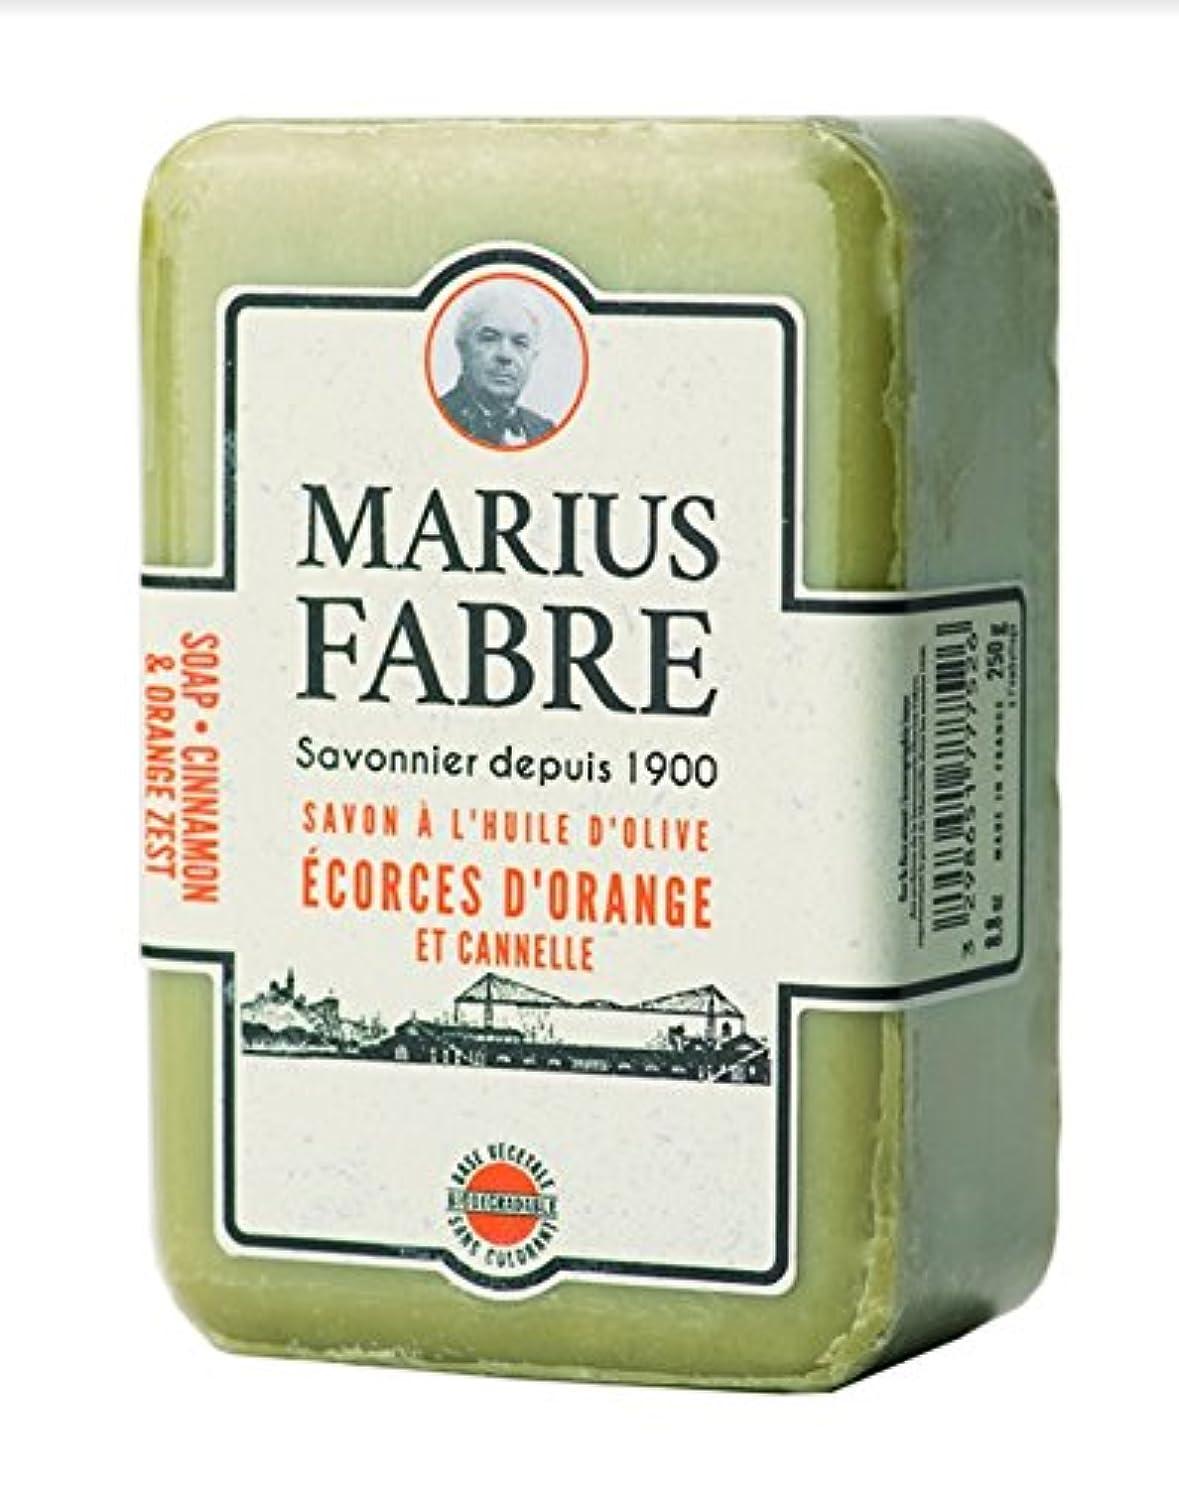 袋冷ややかなのみサボンドマルセイユ 1900 シナモンオレンジ 250g